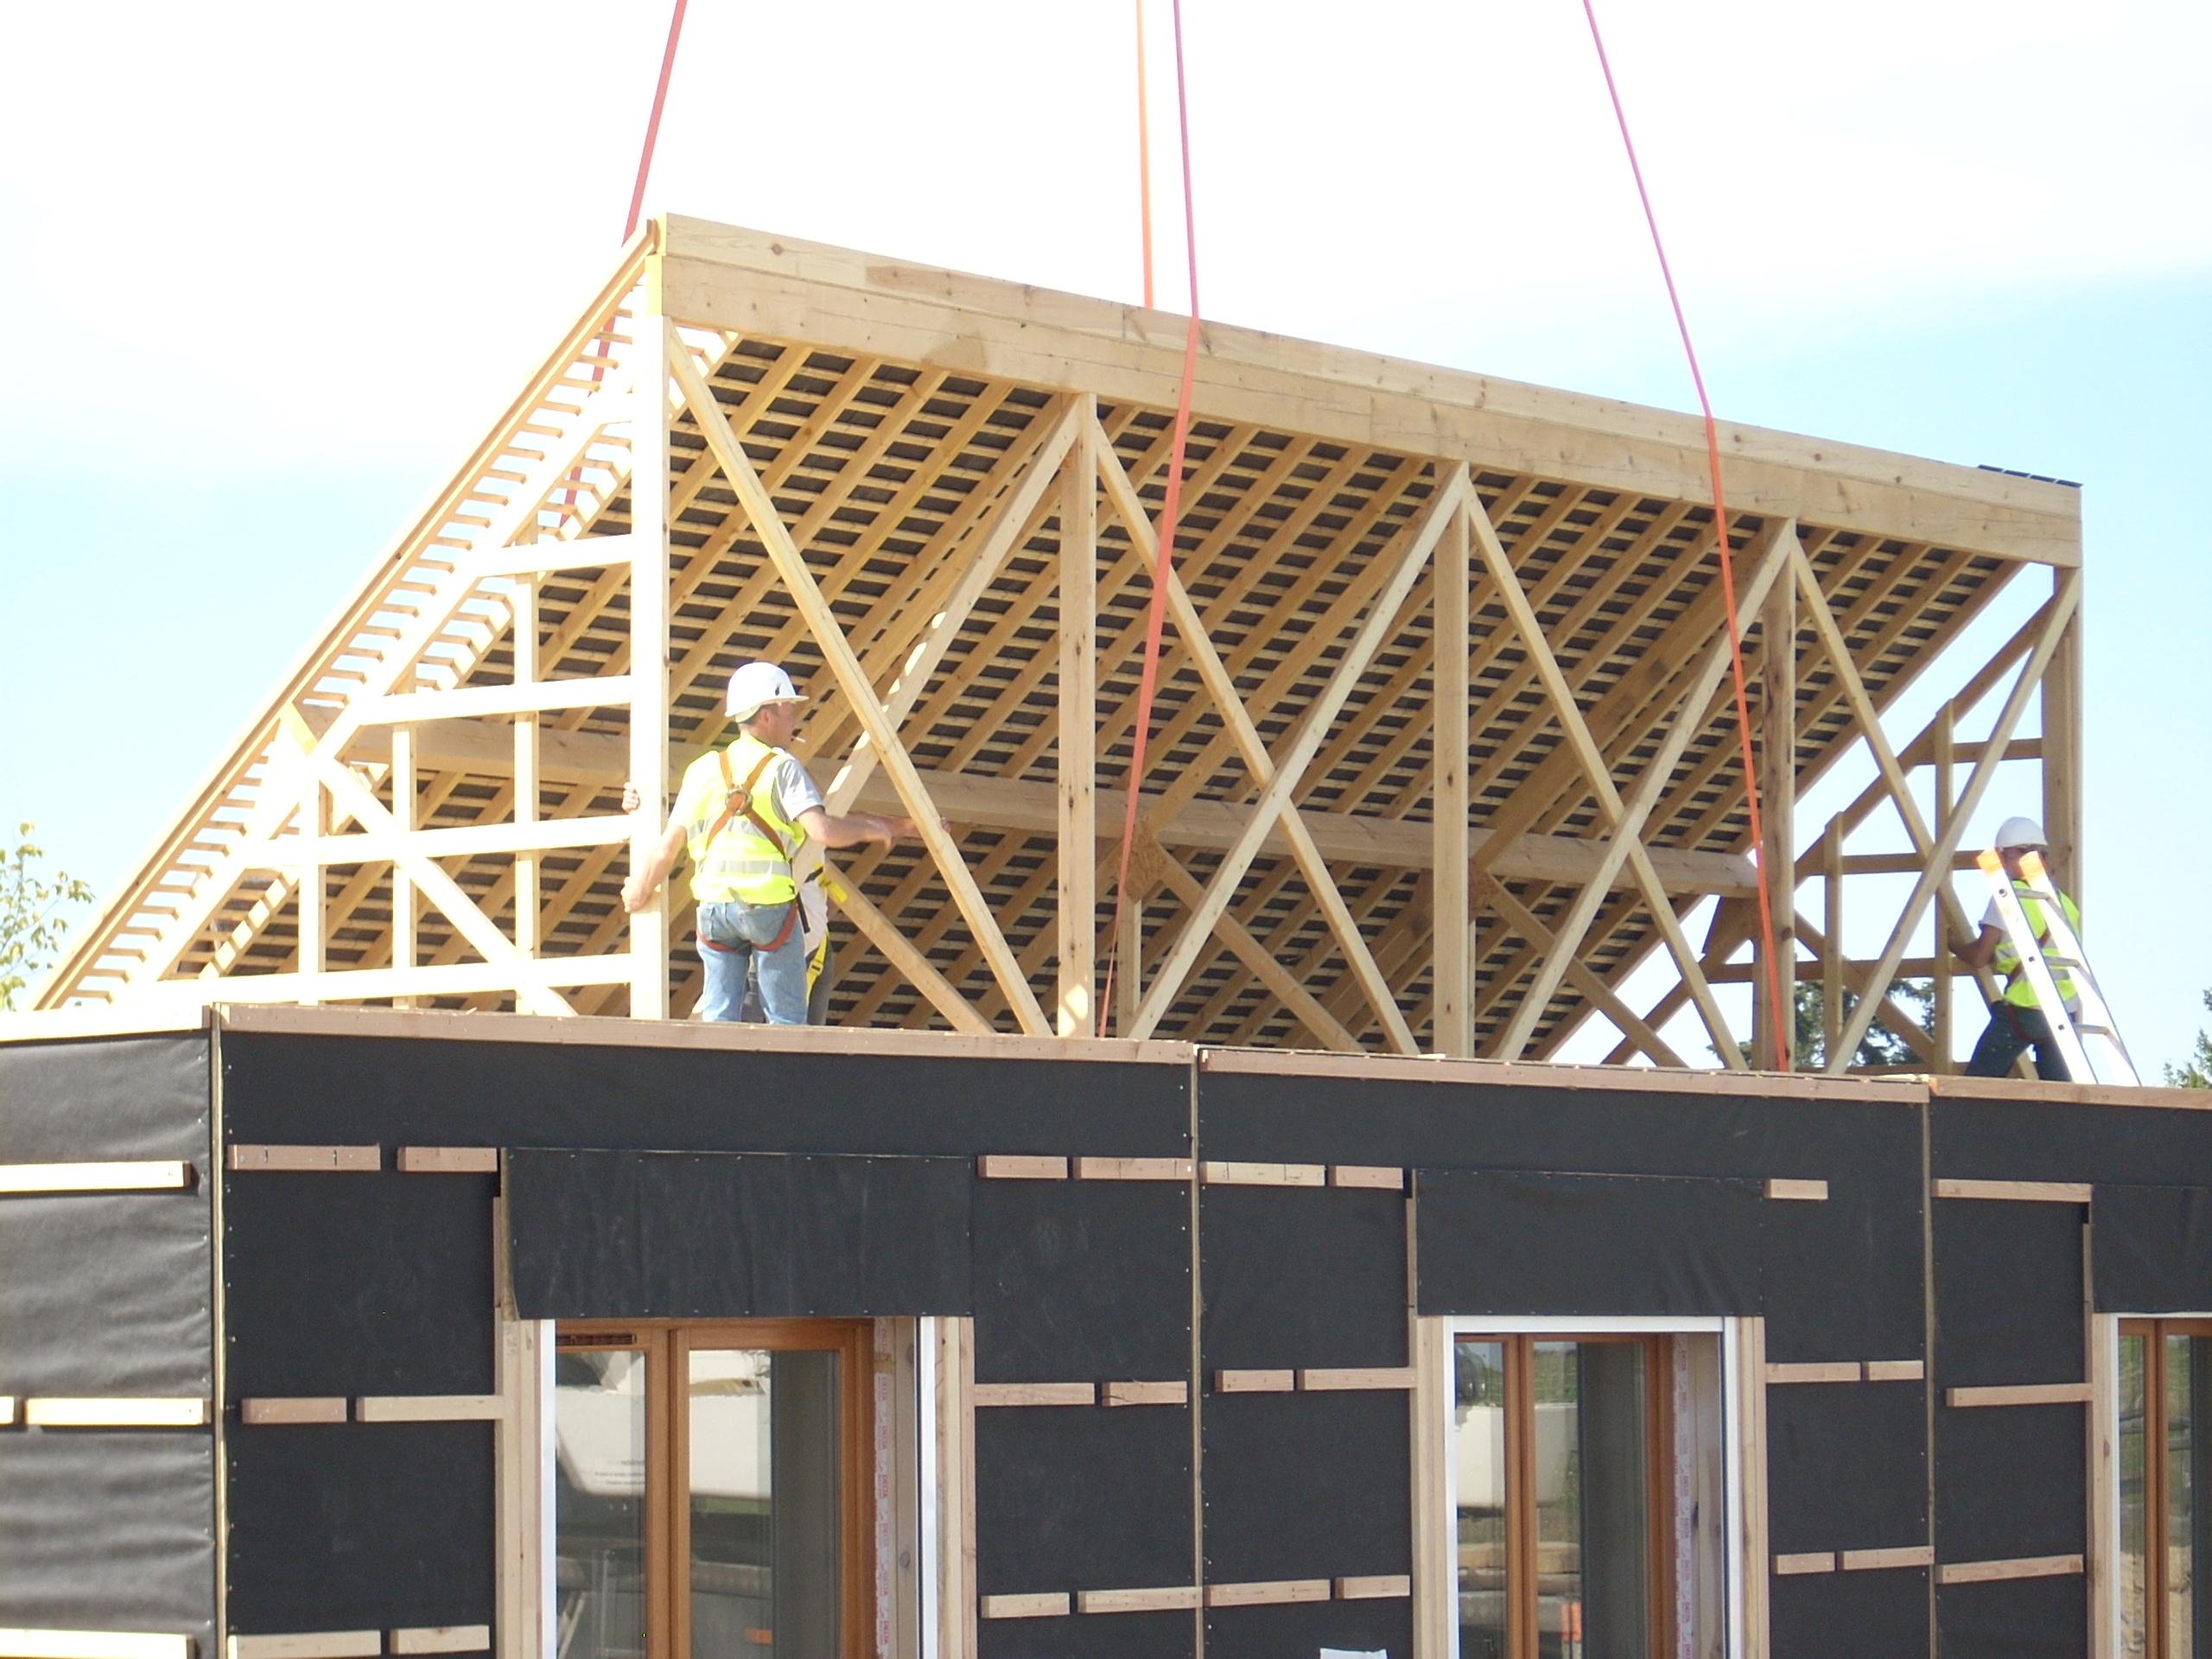 Maison ossature bois agrandissement extension auto construction kit ossature bois - Maison modulaire ...